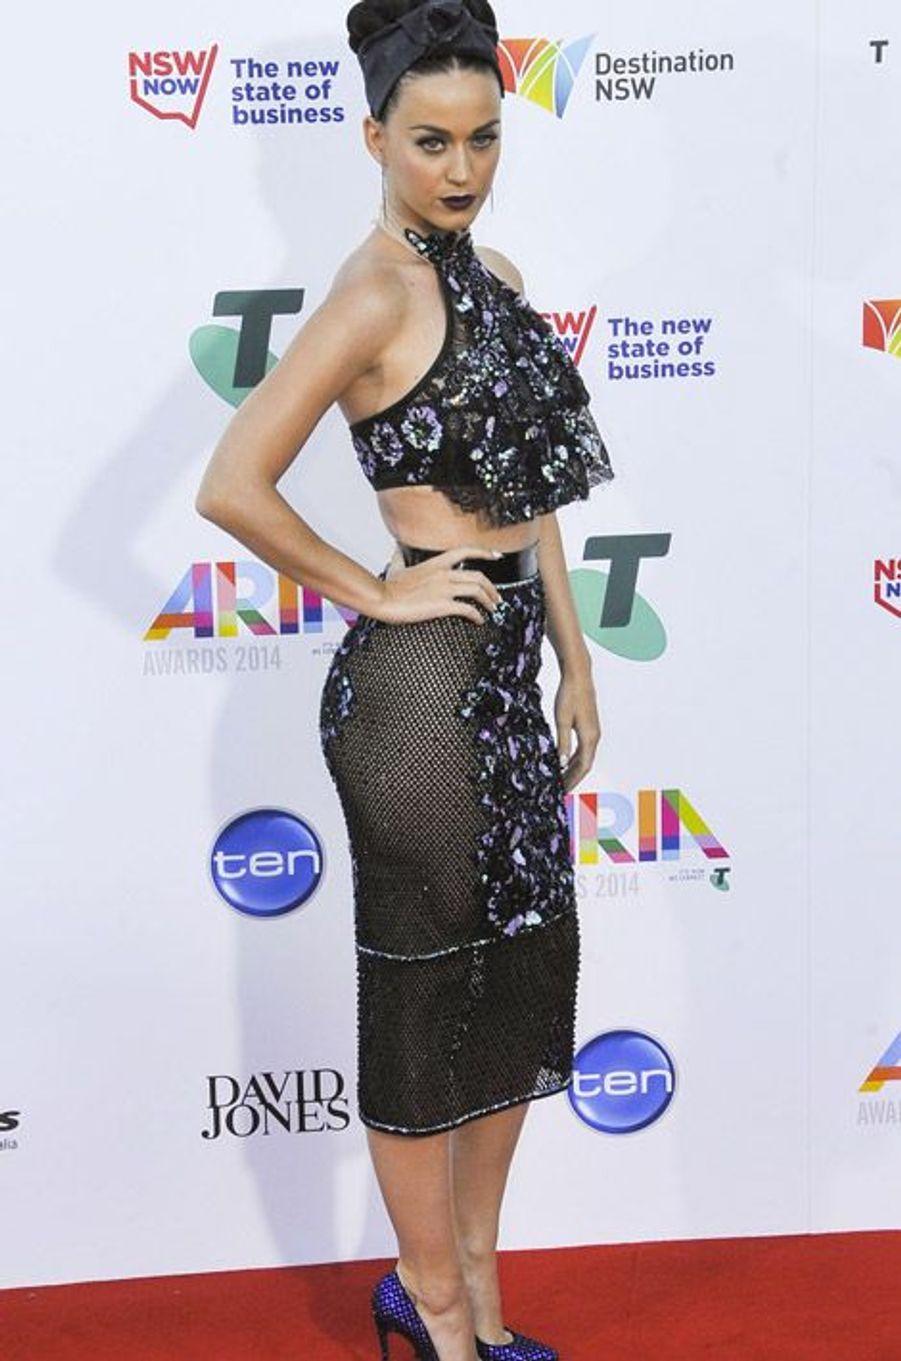 La chanteuse Katy Perry en Jamie Lee lors de la cérémonie des ARIA Awards à Sydney, le 26 novembre 2014